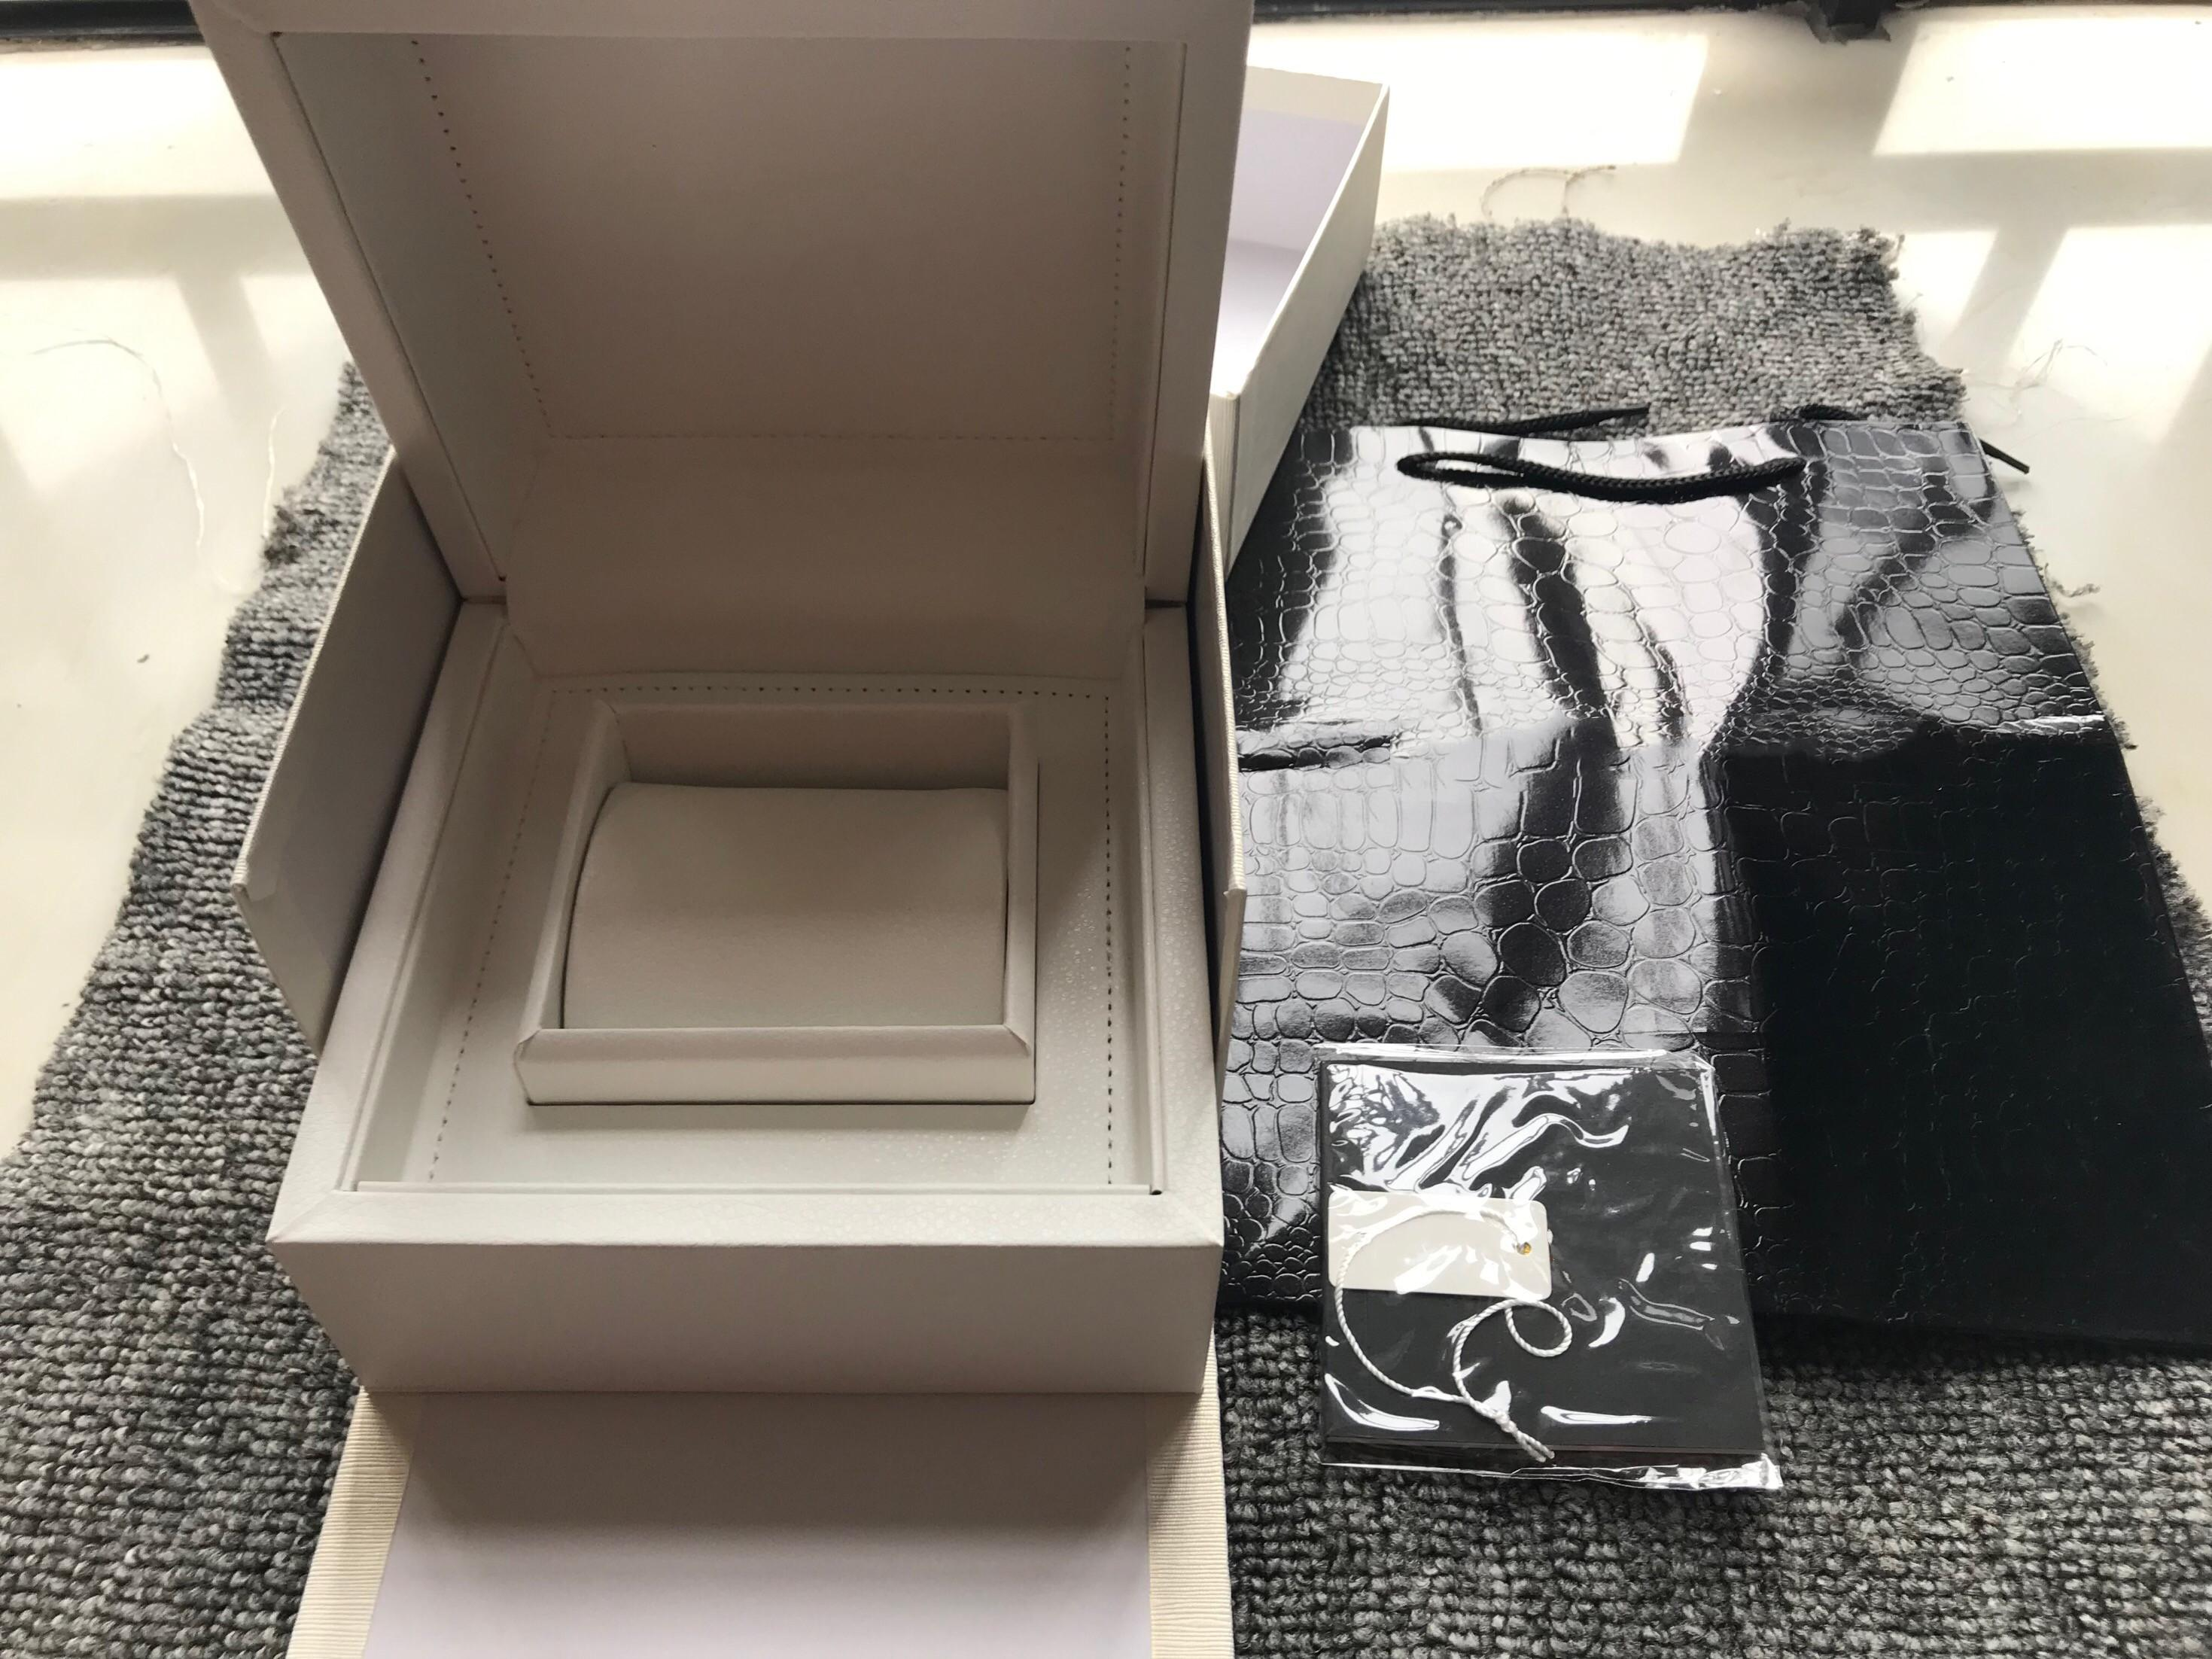 Orologi all'ingrosso Bianco scatola bianca Nuovo quadrato rosso scatola originale per la scatola dell'orologio con booklet card card e documenti in inglese di alta qualità